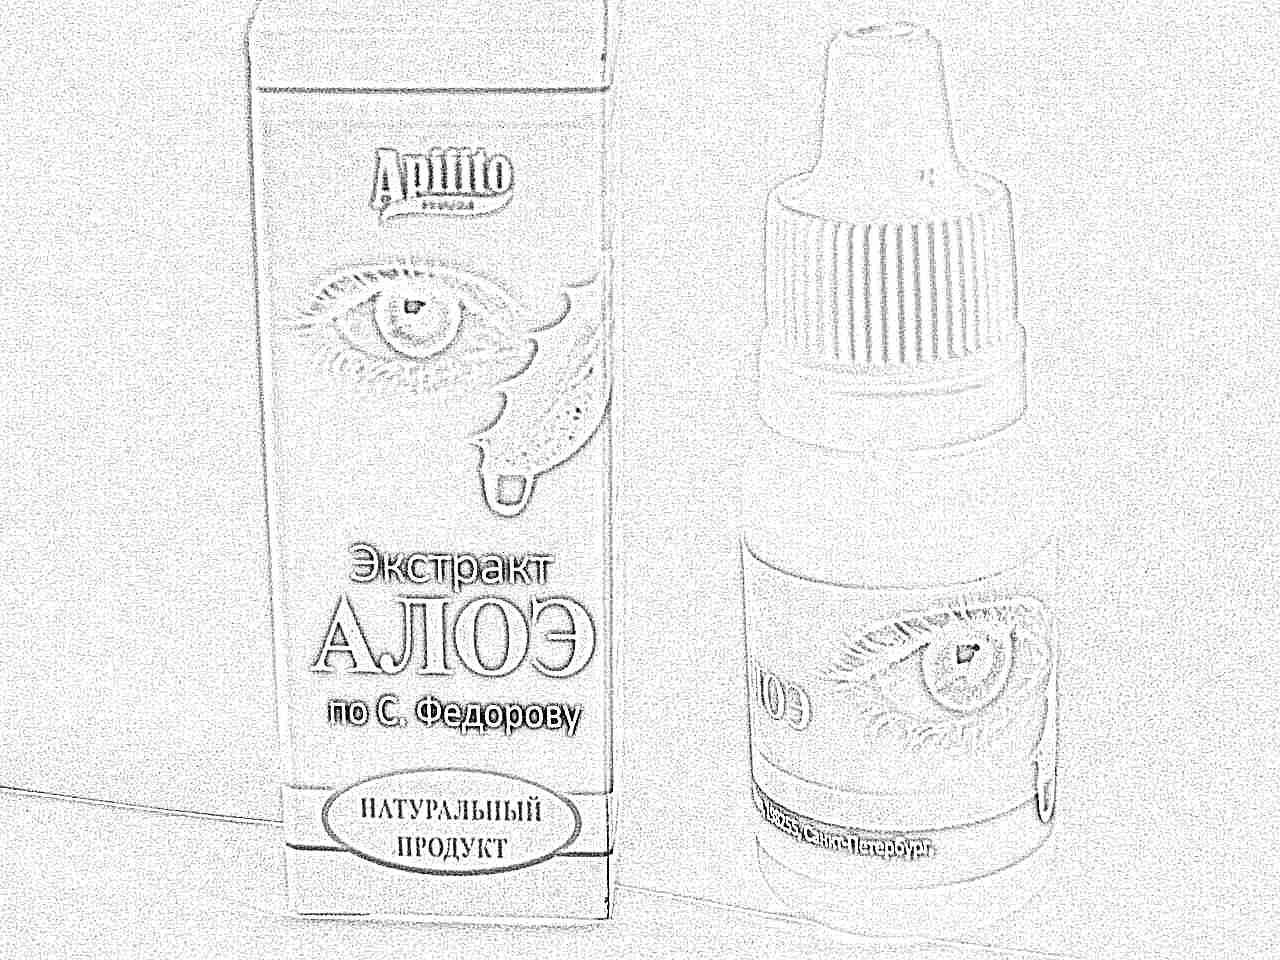 Как сделать капли в глаза с алоэ